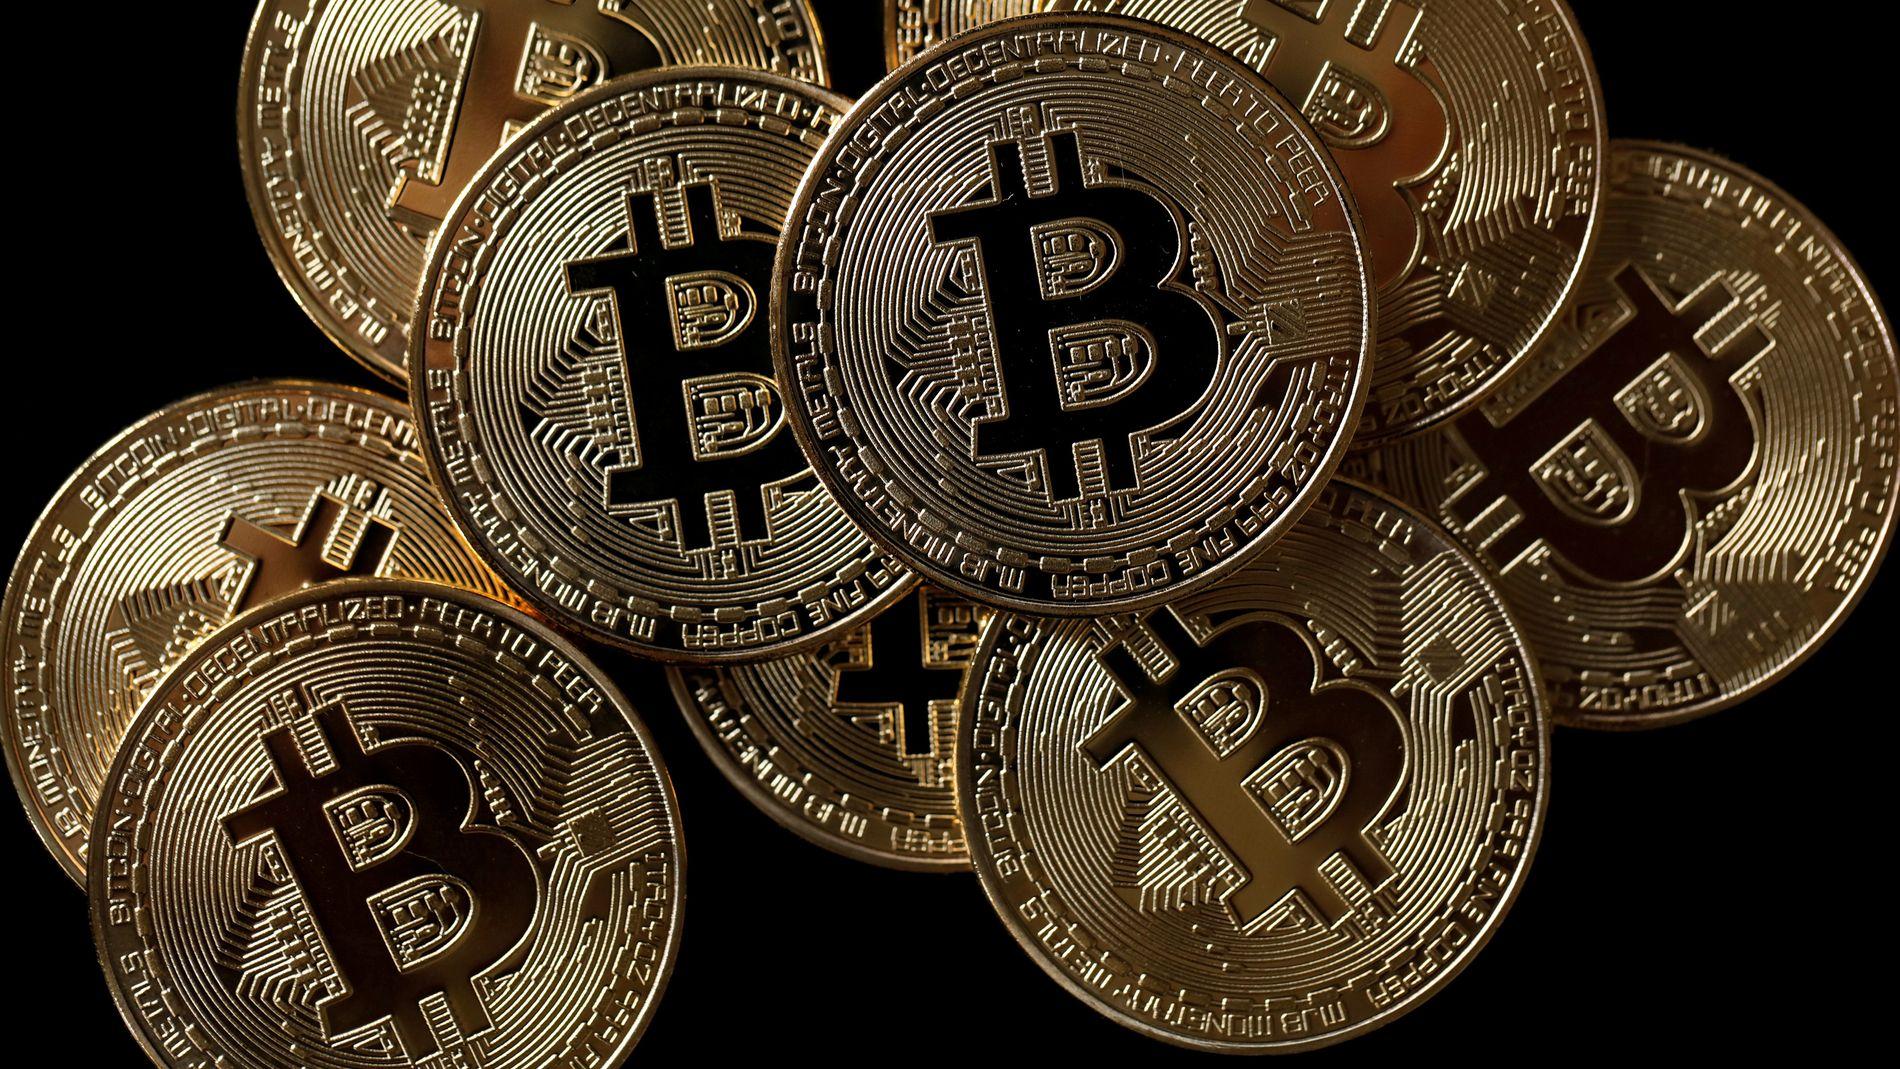 Norske kunder hos Bitcoins Norge kan få store tap som følge av at kryptobørsen måtte se seg nødt til å tvangsselge porteføljen etter et angivelig hackerangrep. Nå er norske politikere på banen.